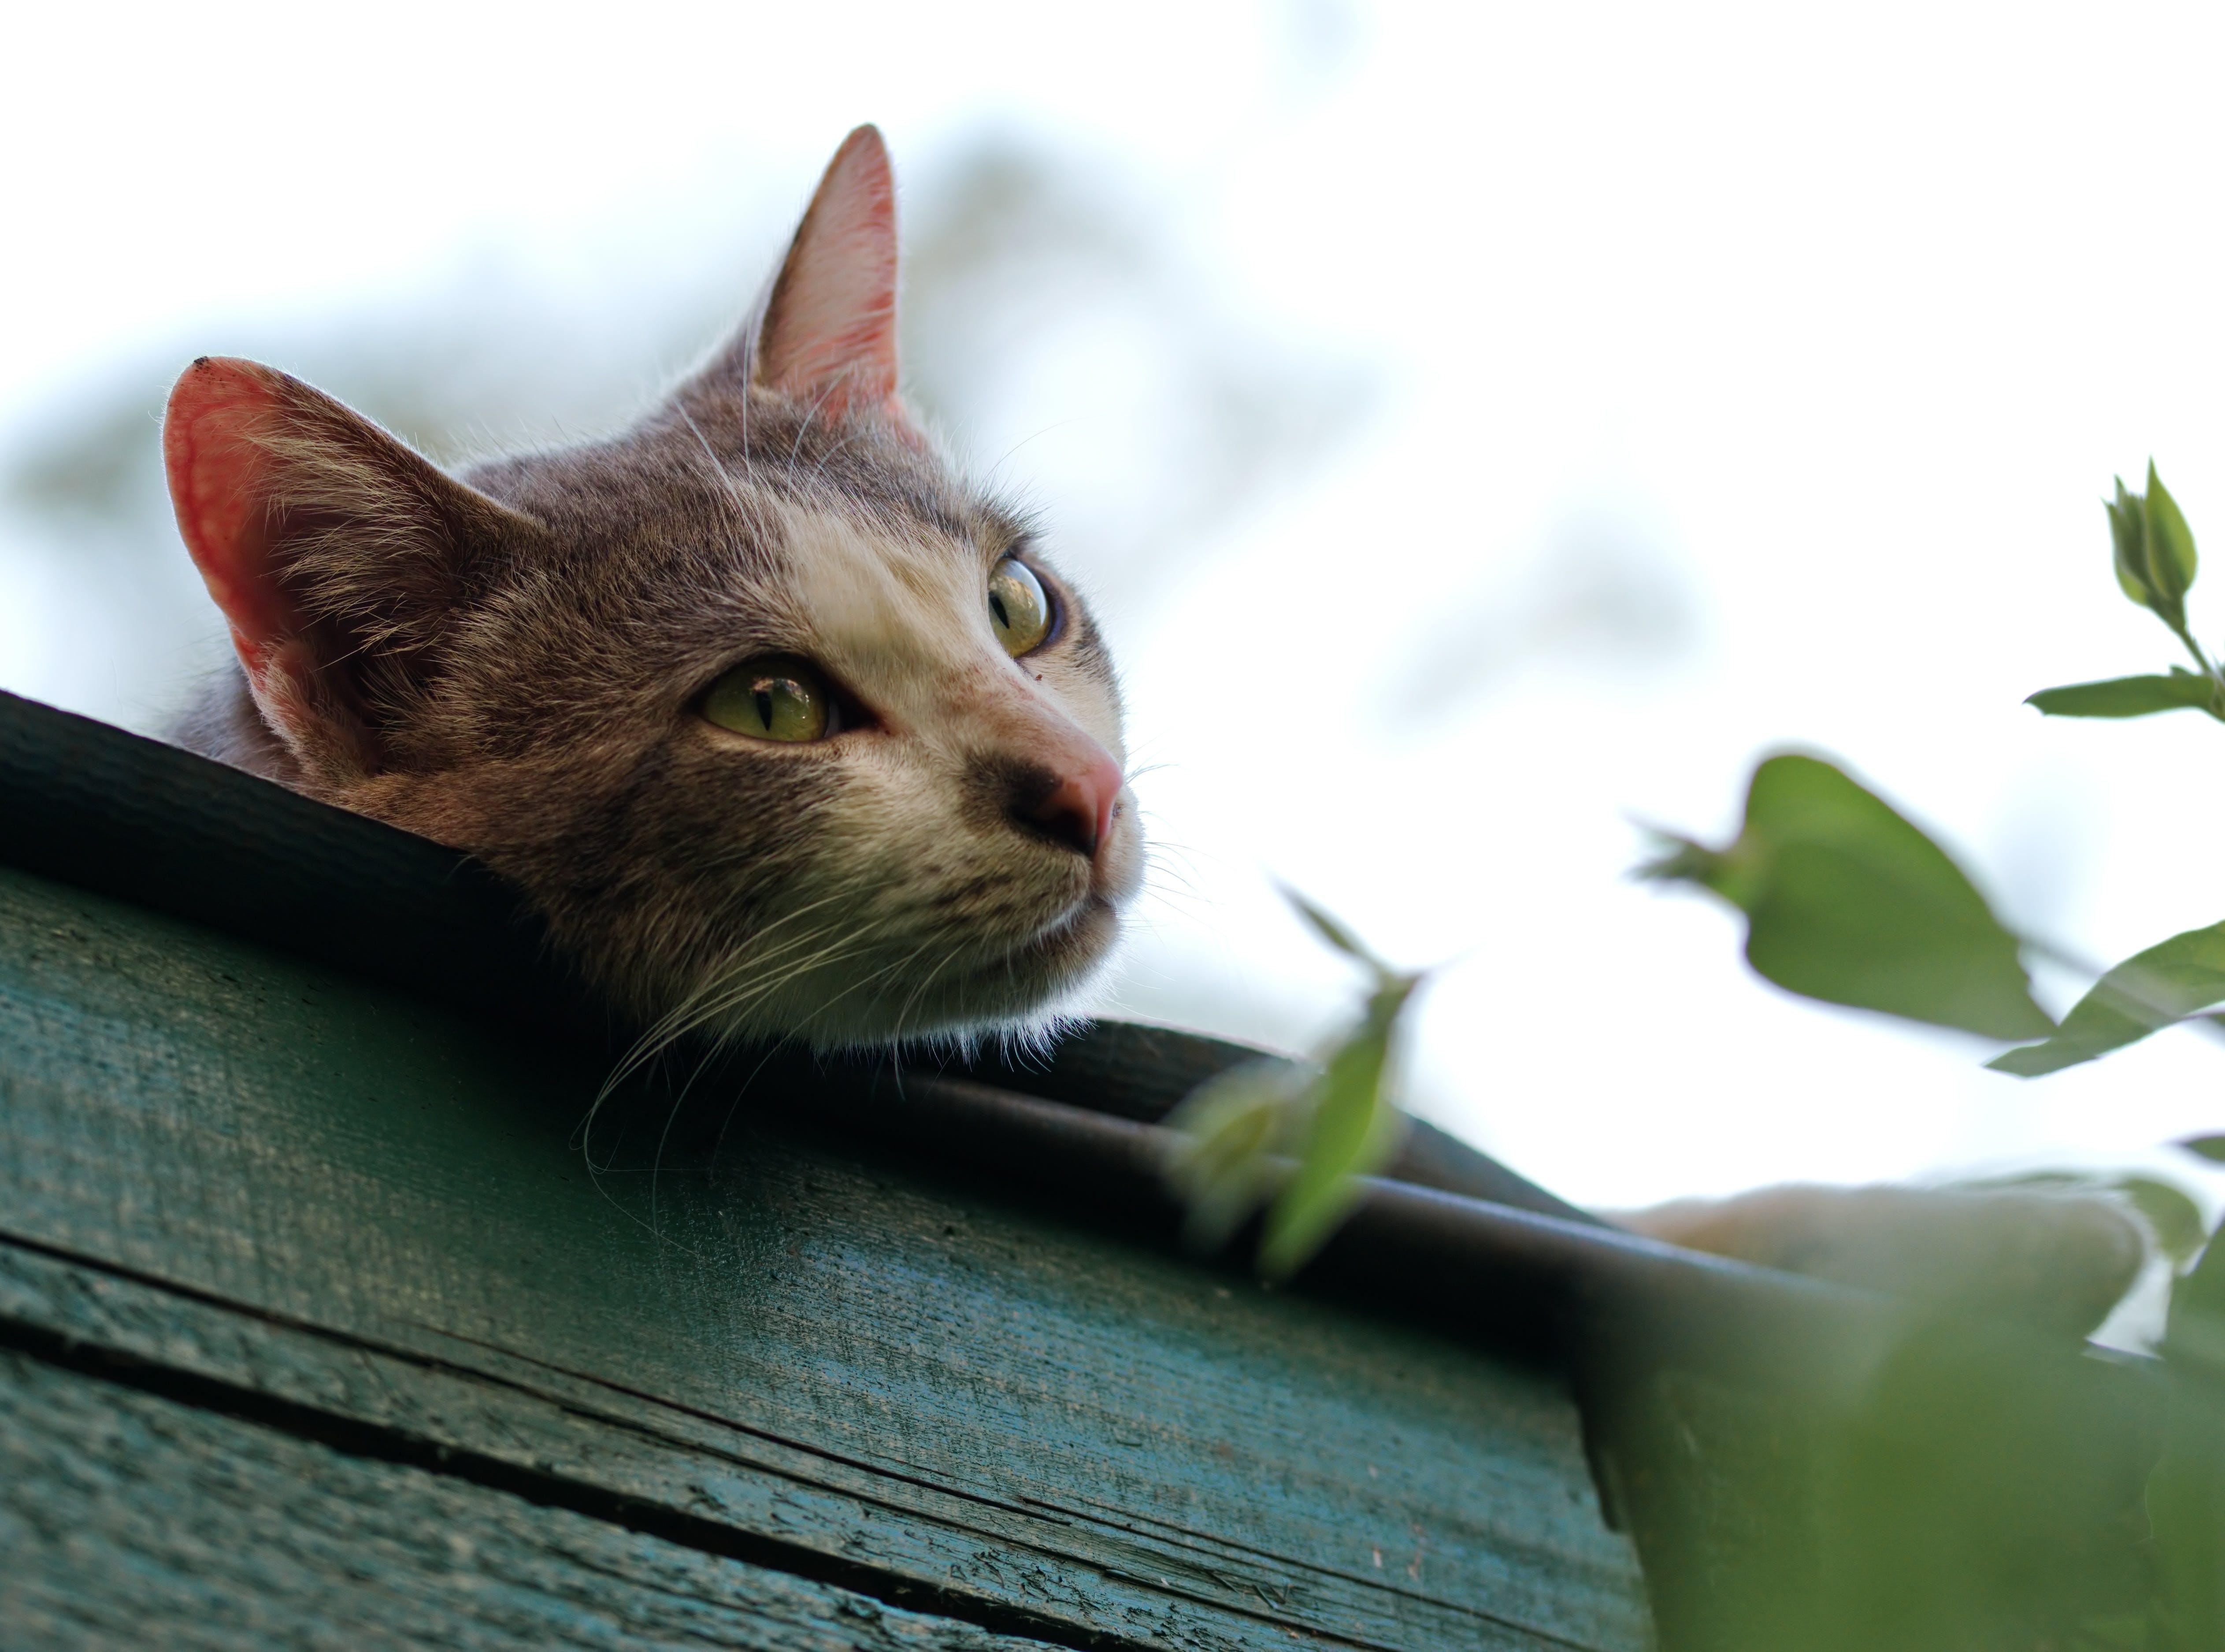 くつろぐ, ぼかし, ネコ, ペットの無料の写真素材